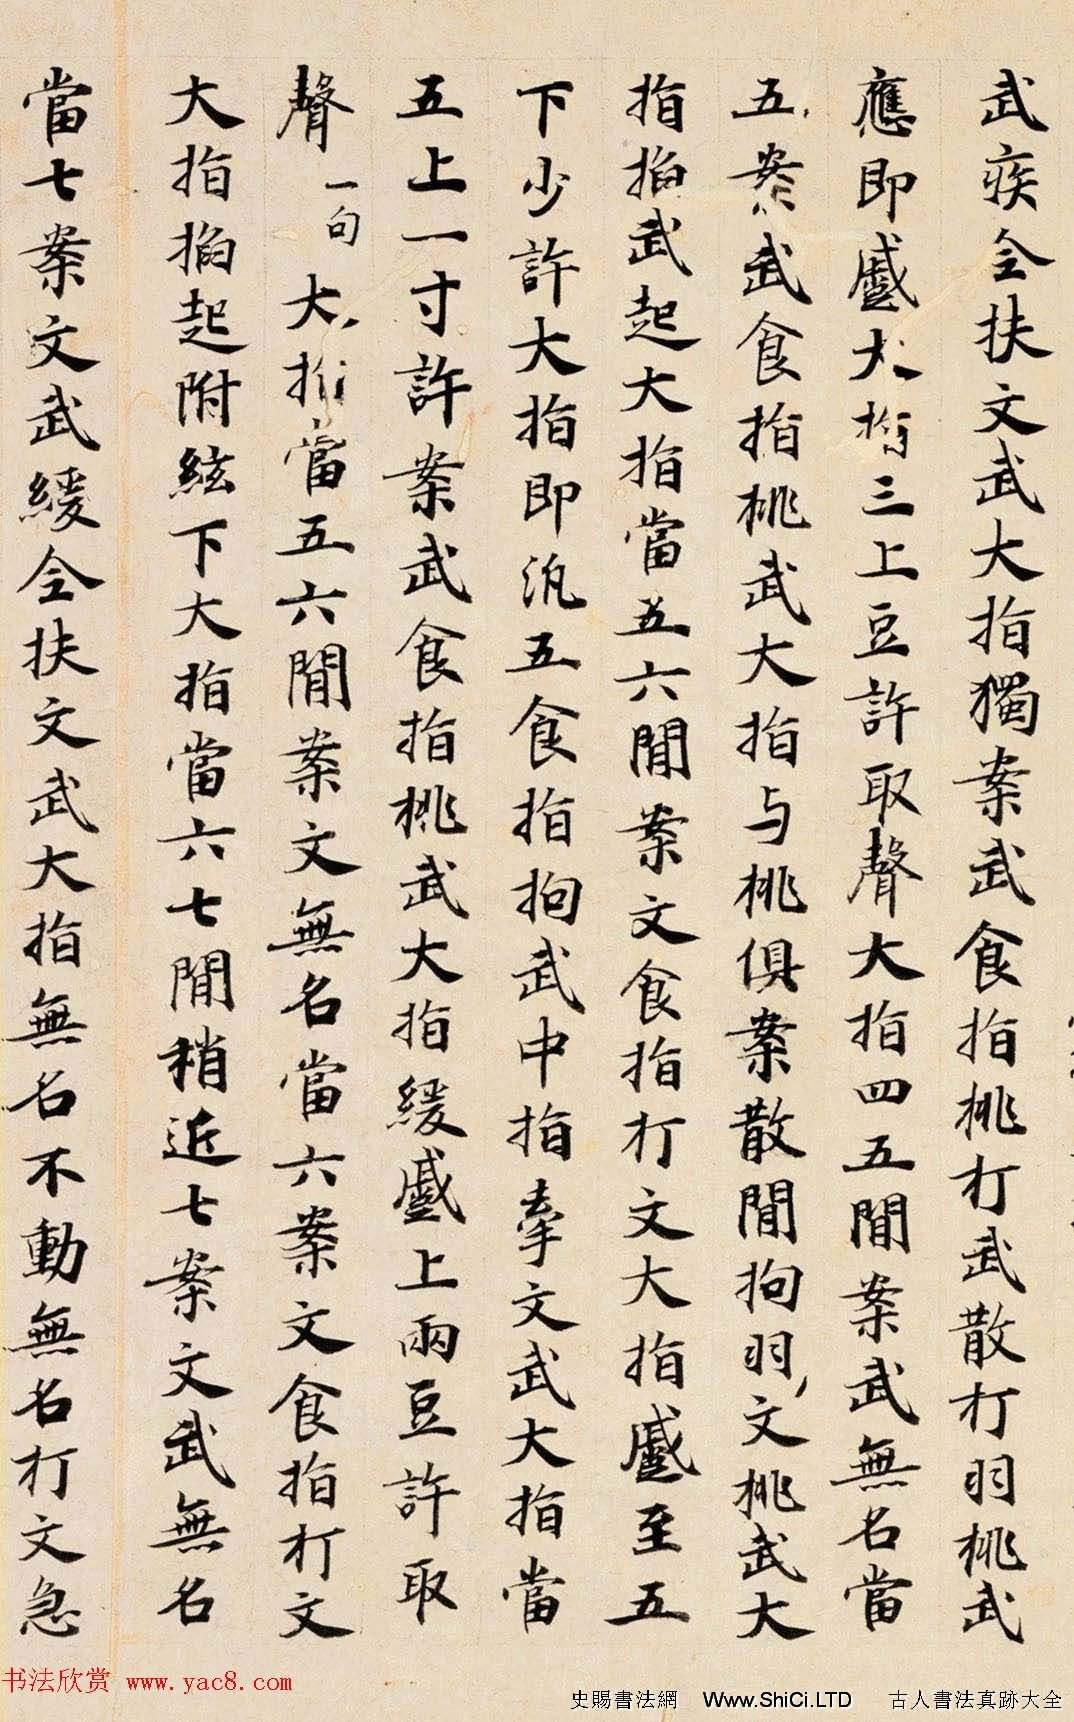 唐代楷書書法墨跡《碣石調幽蘭第五》